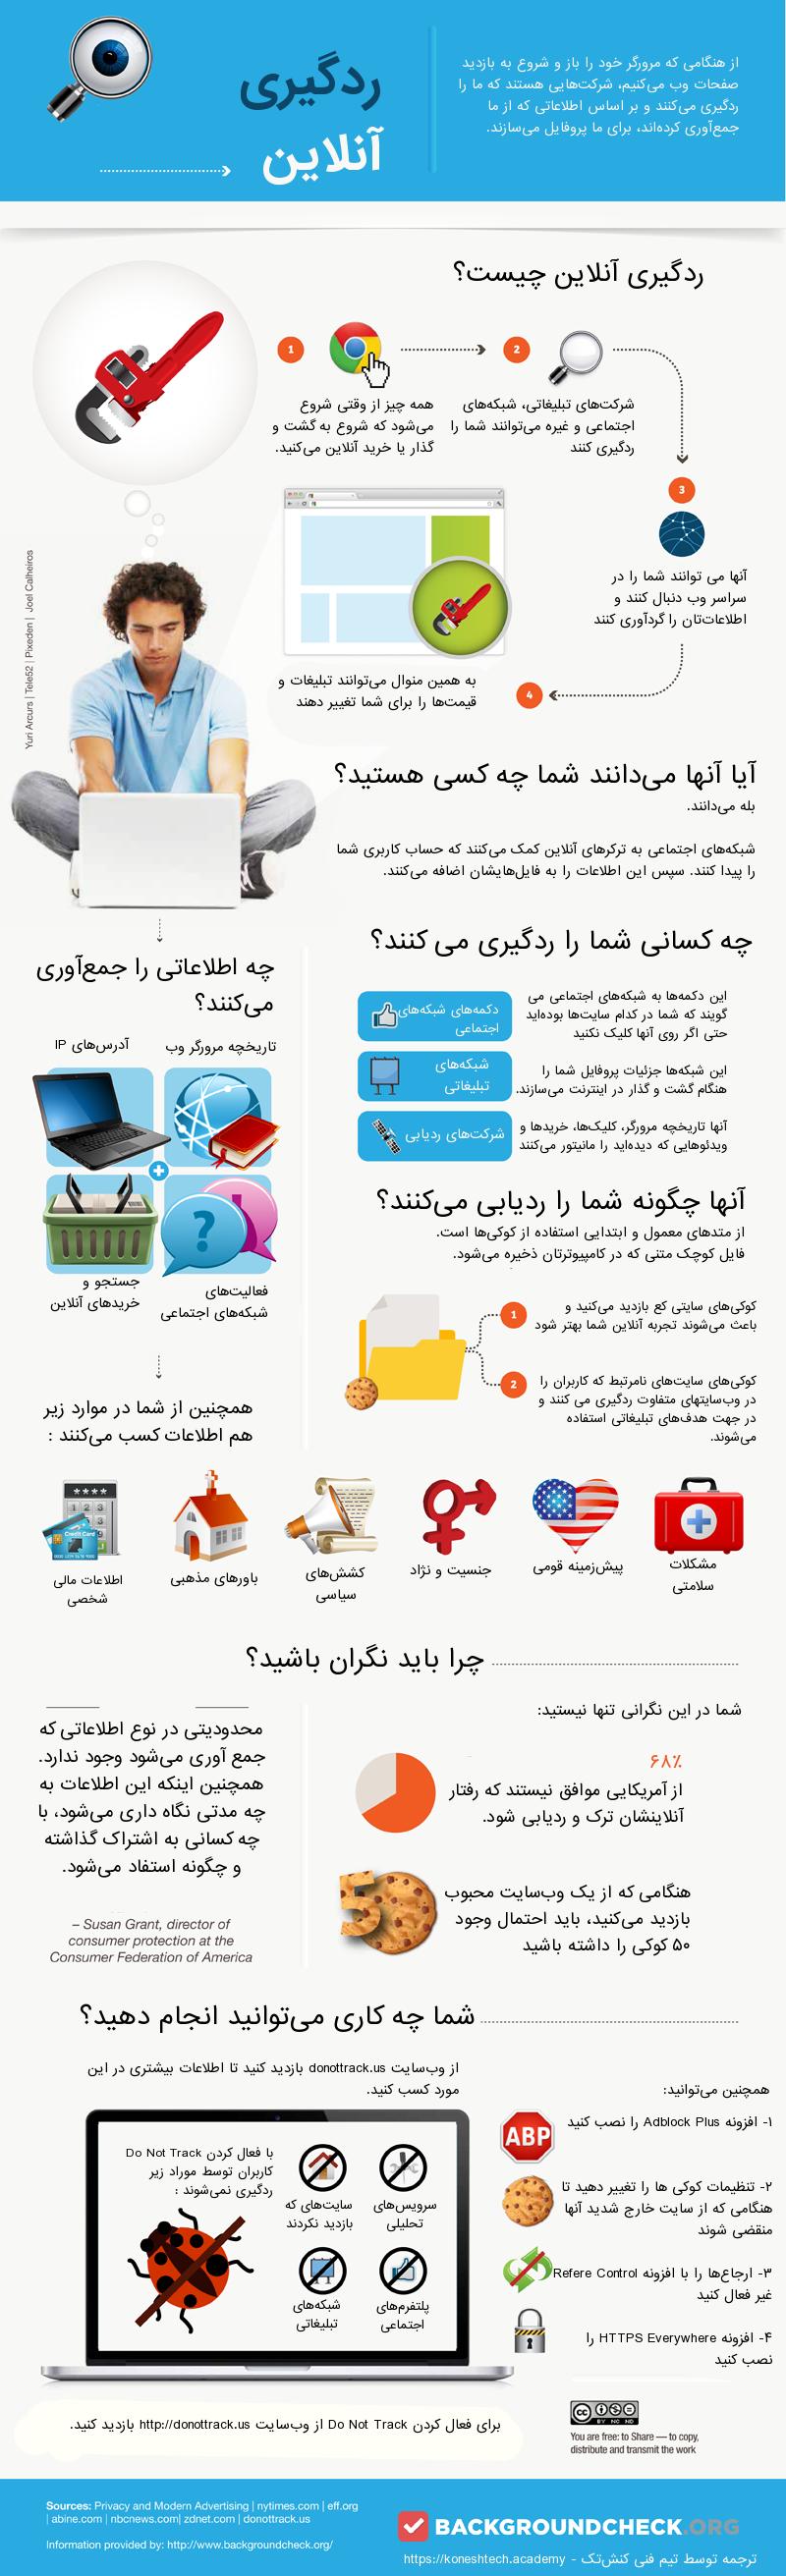 ردگیری آنلاین چیست؟